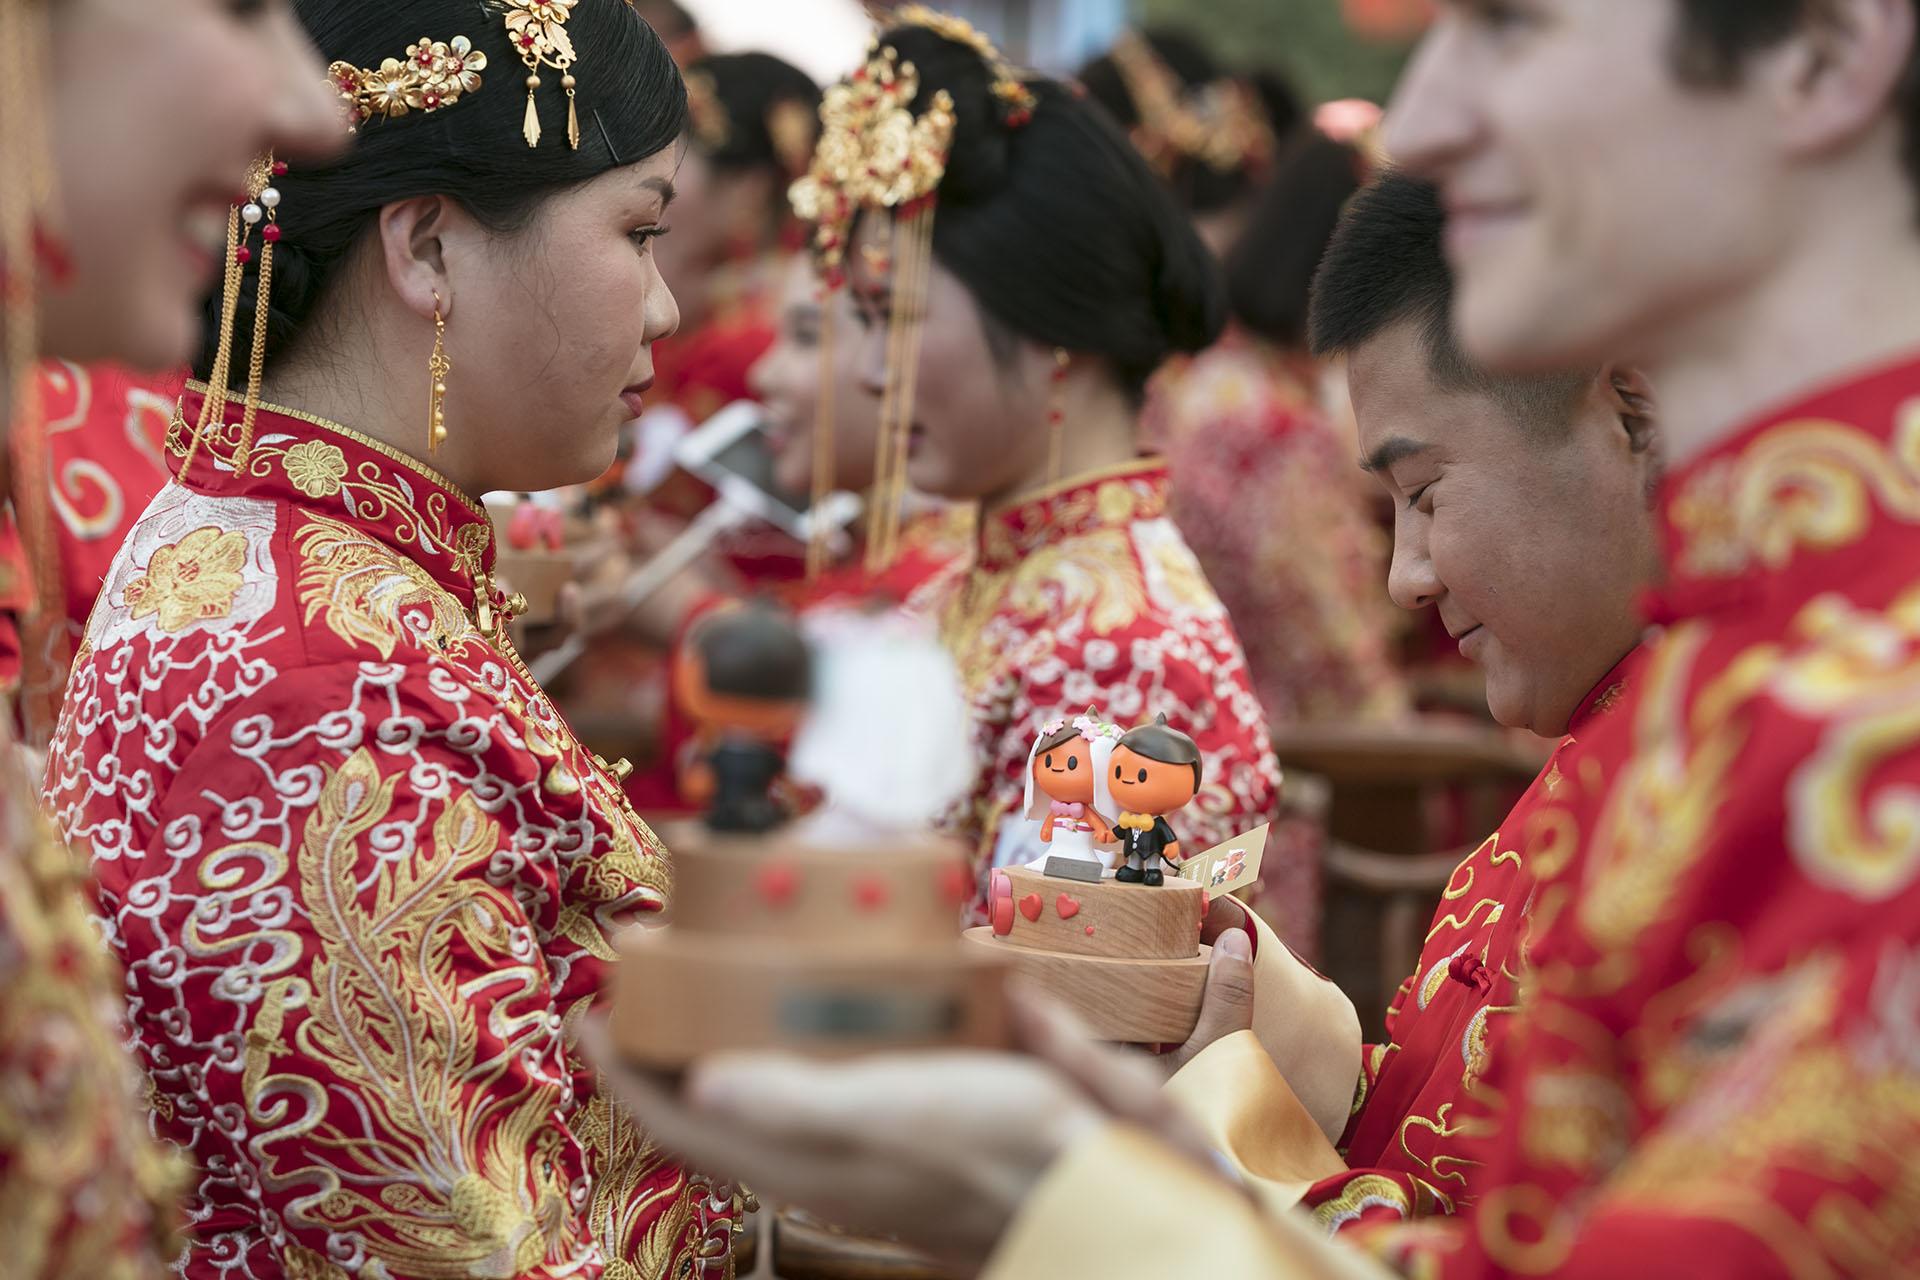 Reportage Massenhochzeit in China